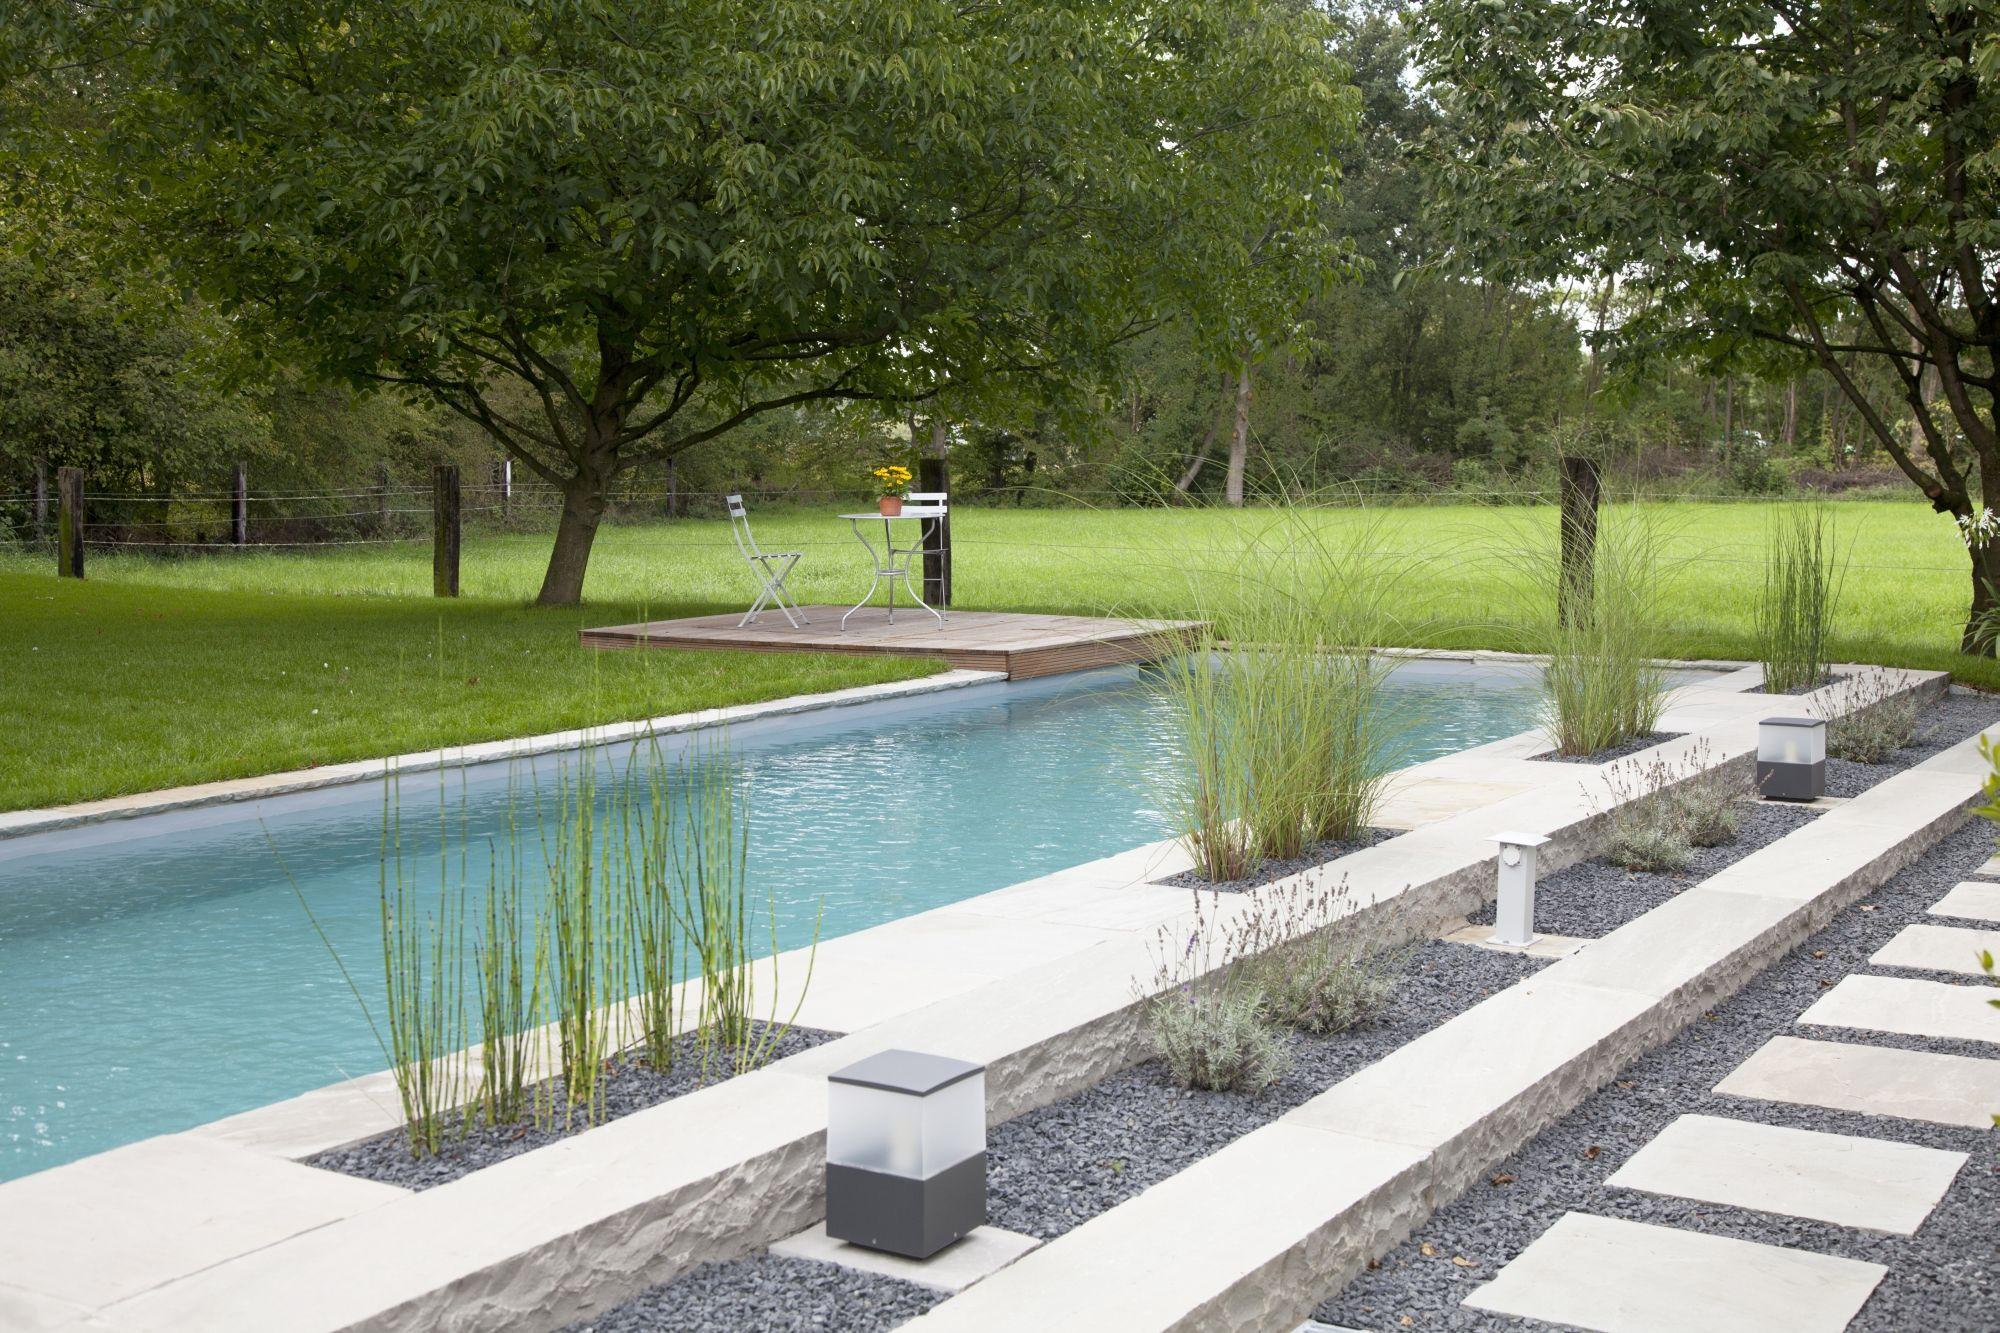 Gräser Pool umgestalten, Häuser mit pool, Hinterhof pool